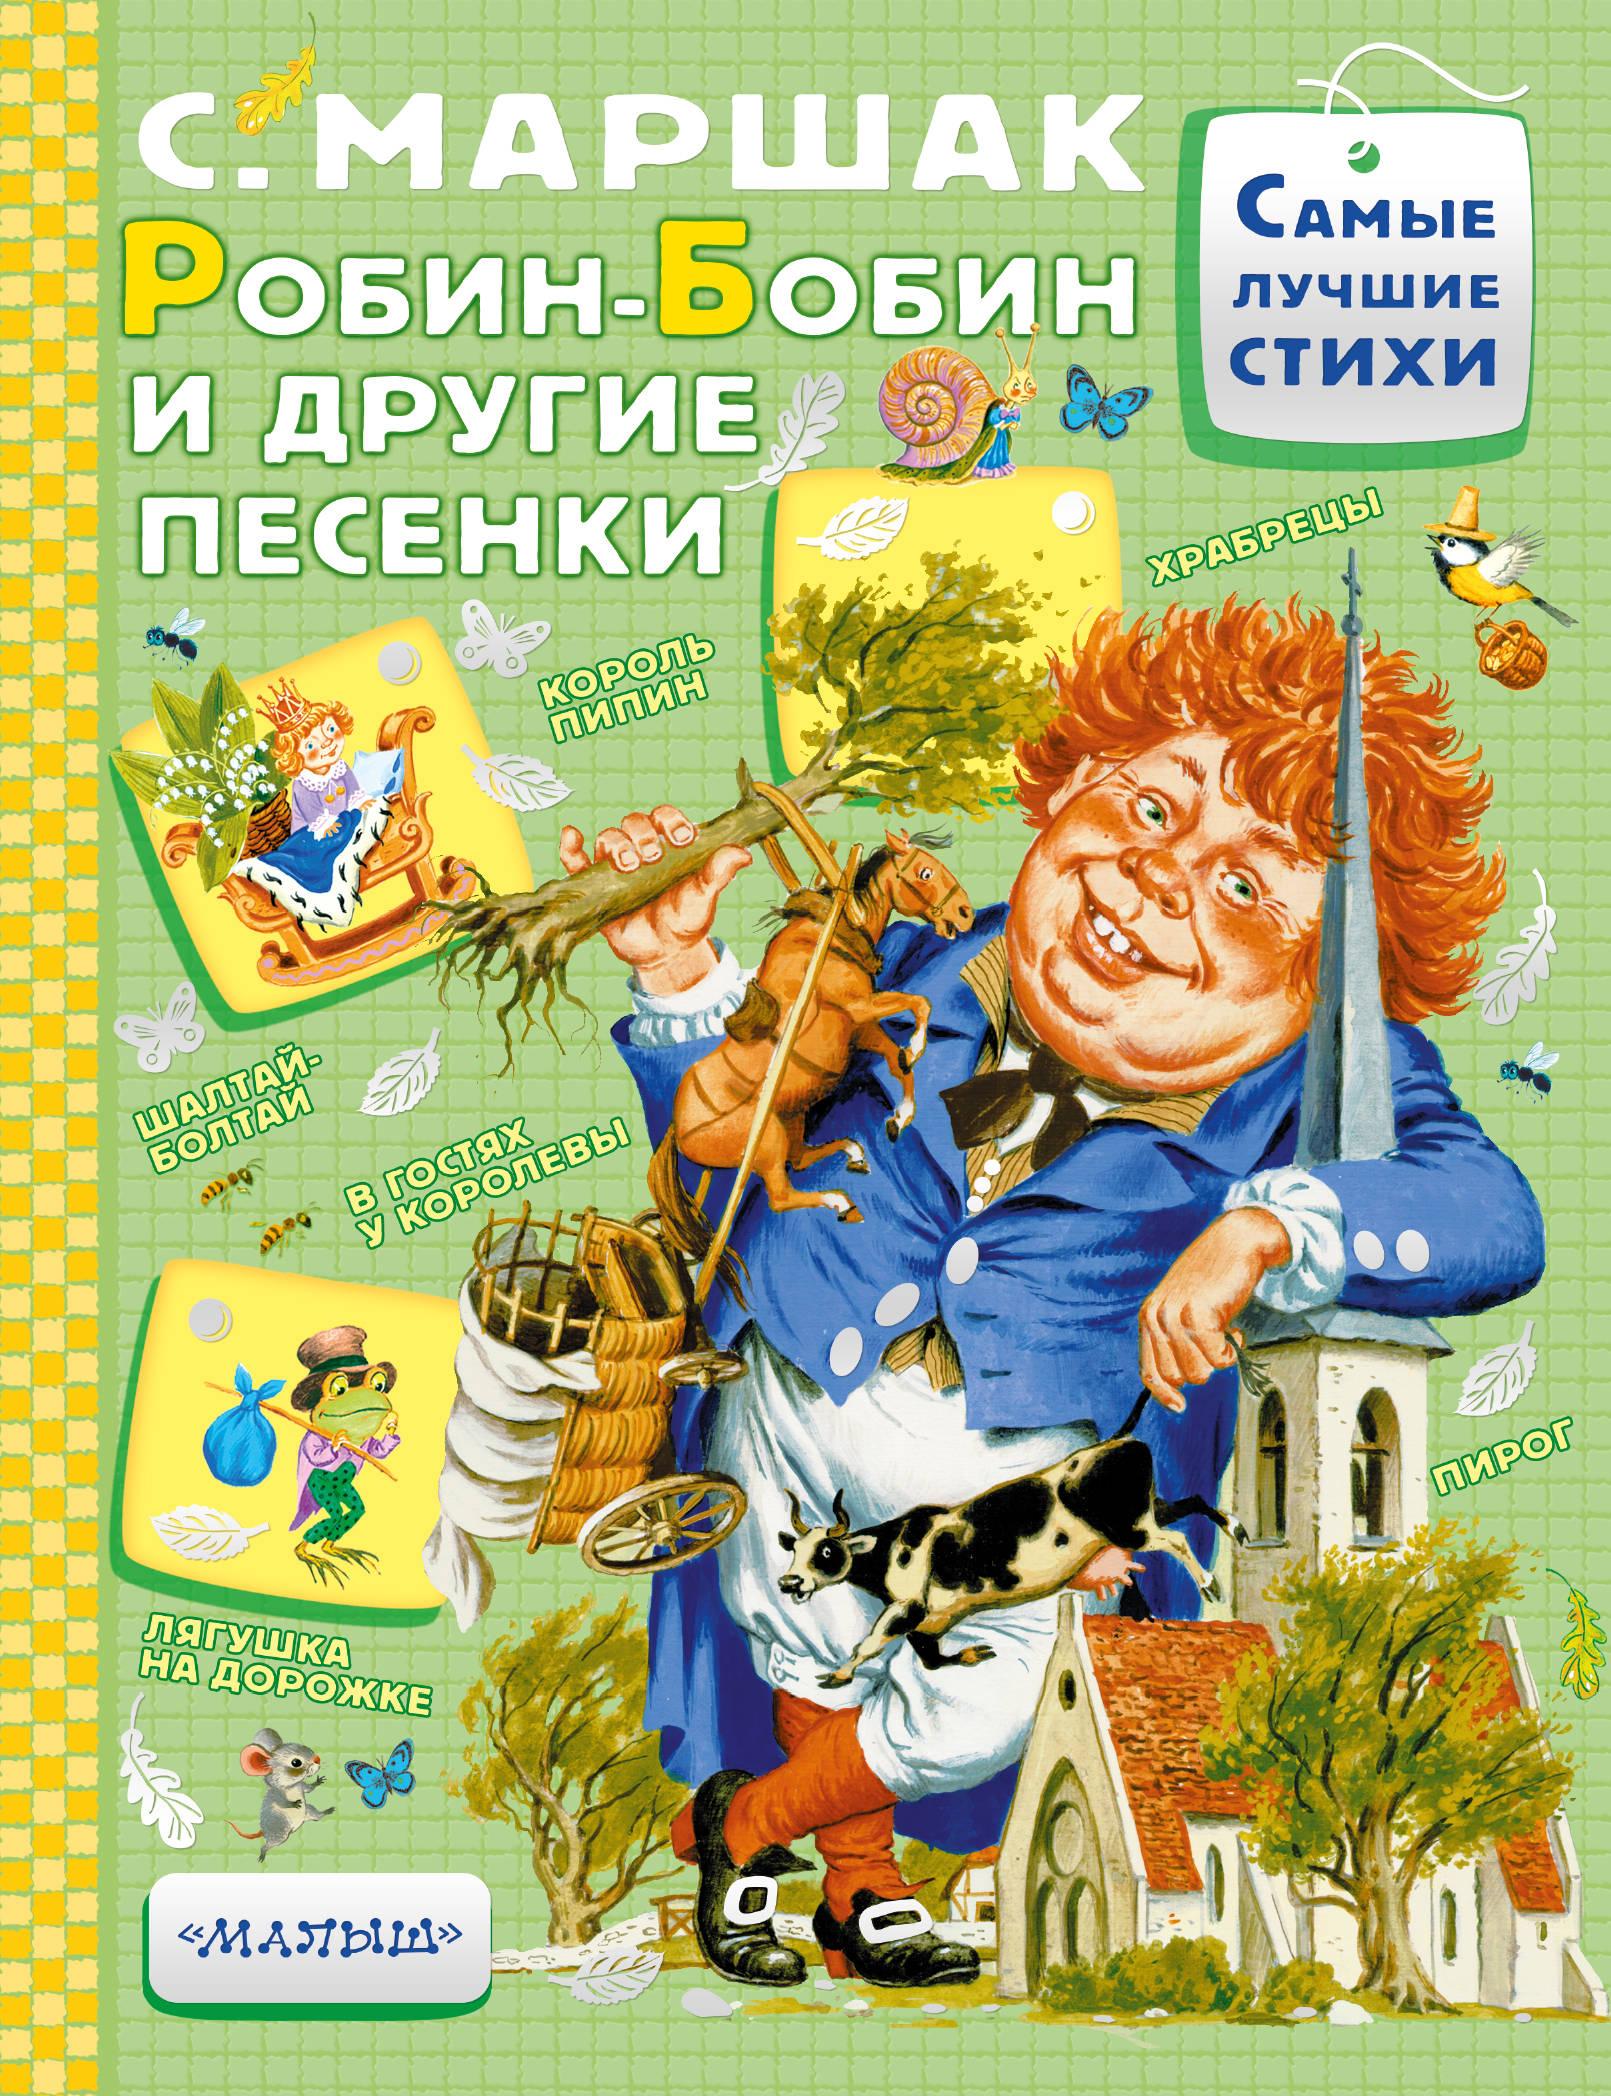 Робин-Бобин и другие песенки ( Маршак С.Я.  )